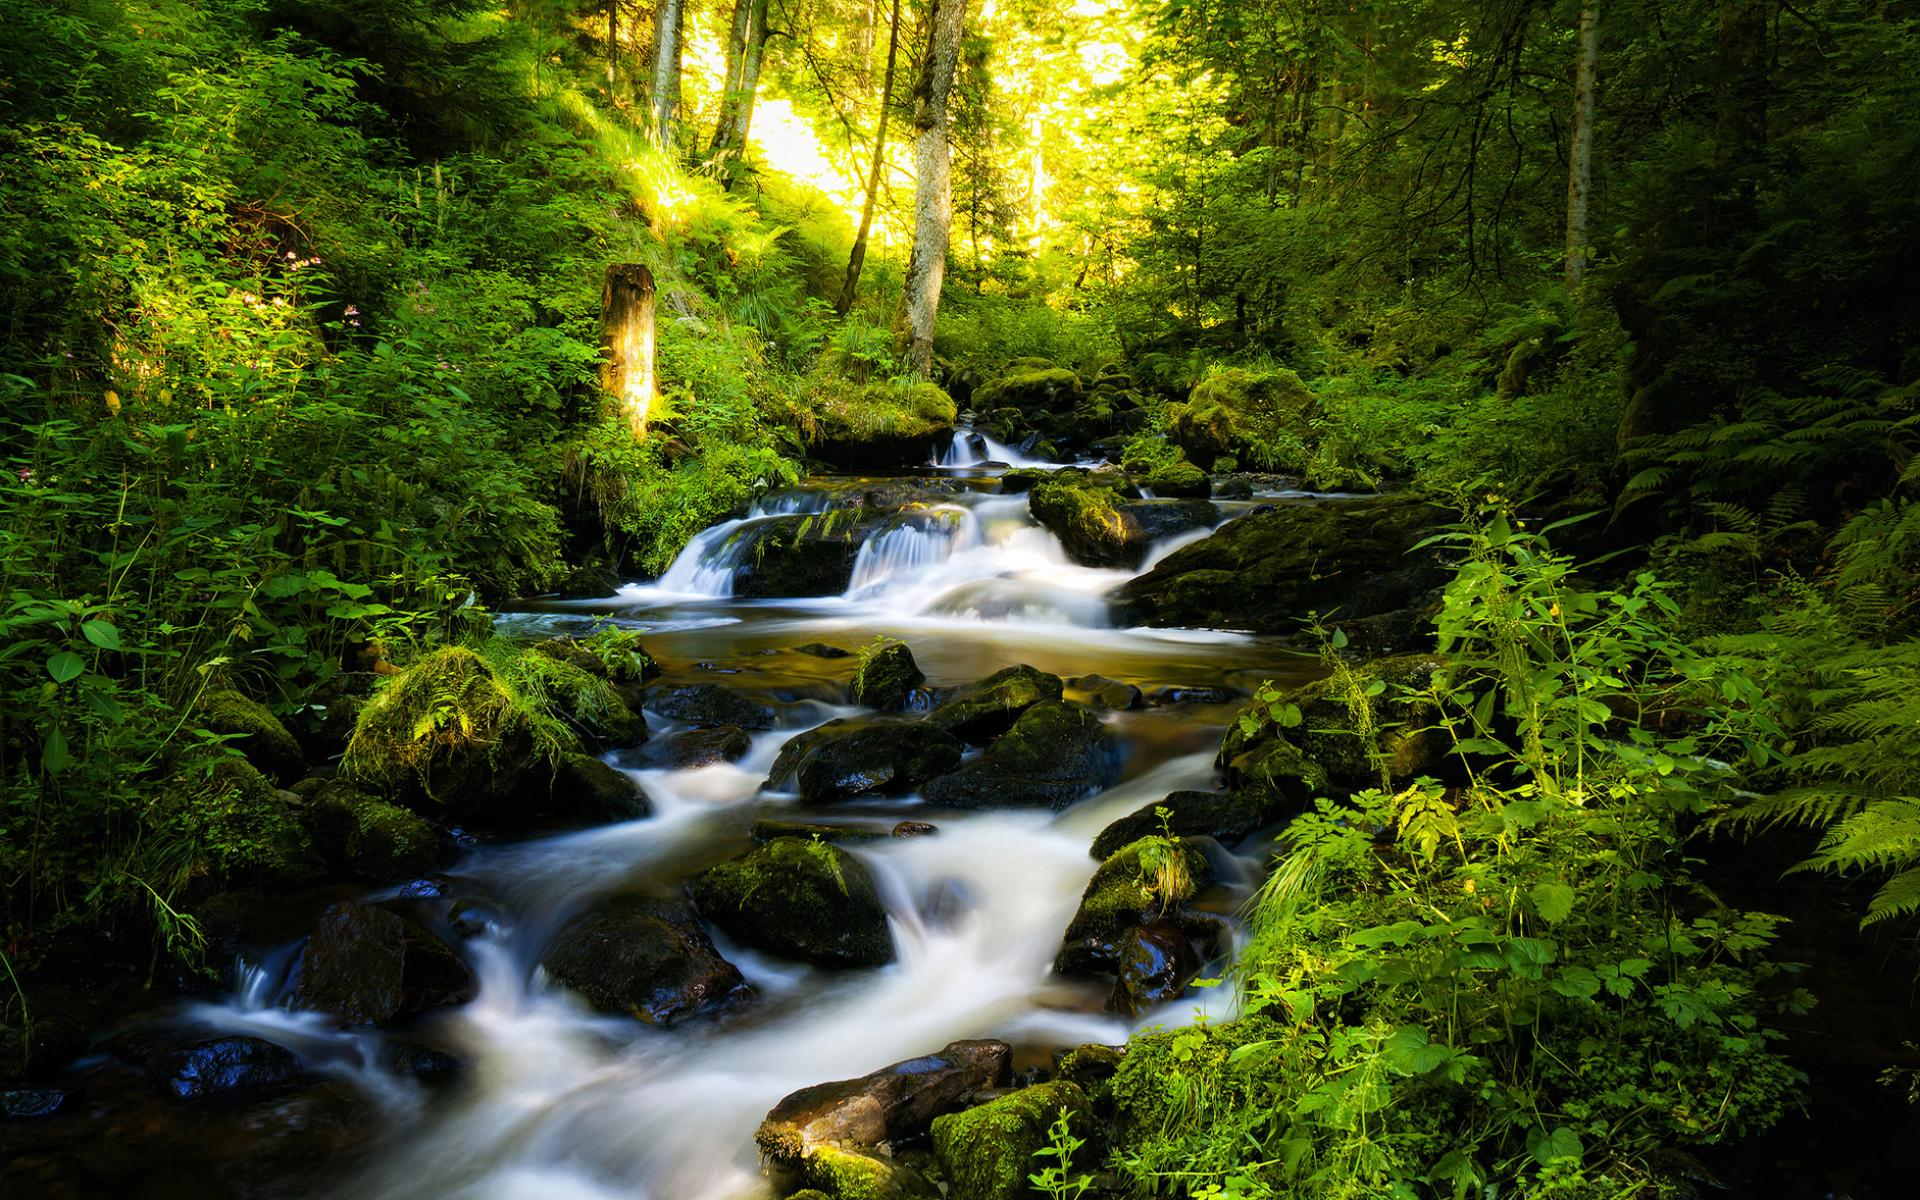 Обои красивые и яркие лесной природы